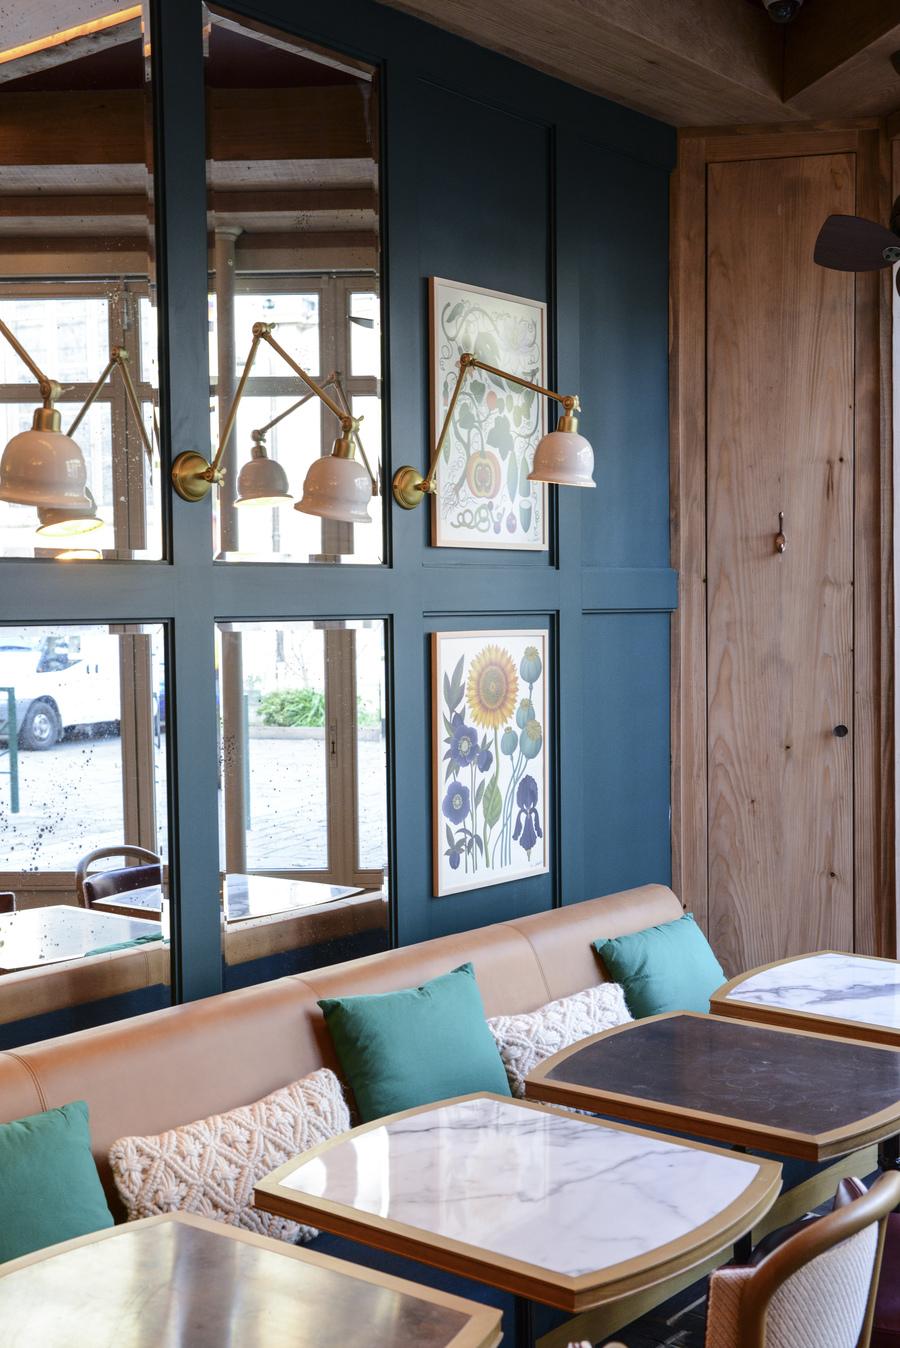 Le Studio Emma Roux en collaboration avec Arkesen a réalisé les travaux et la décoration de la pizzeria Isola Bella à Reuil Malmaison. Parquet sur mesure